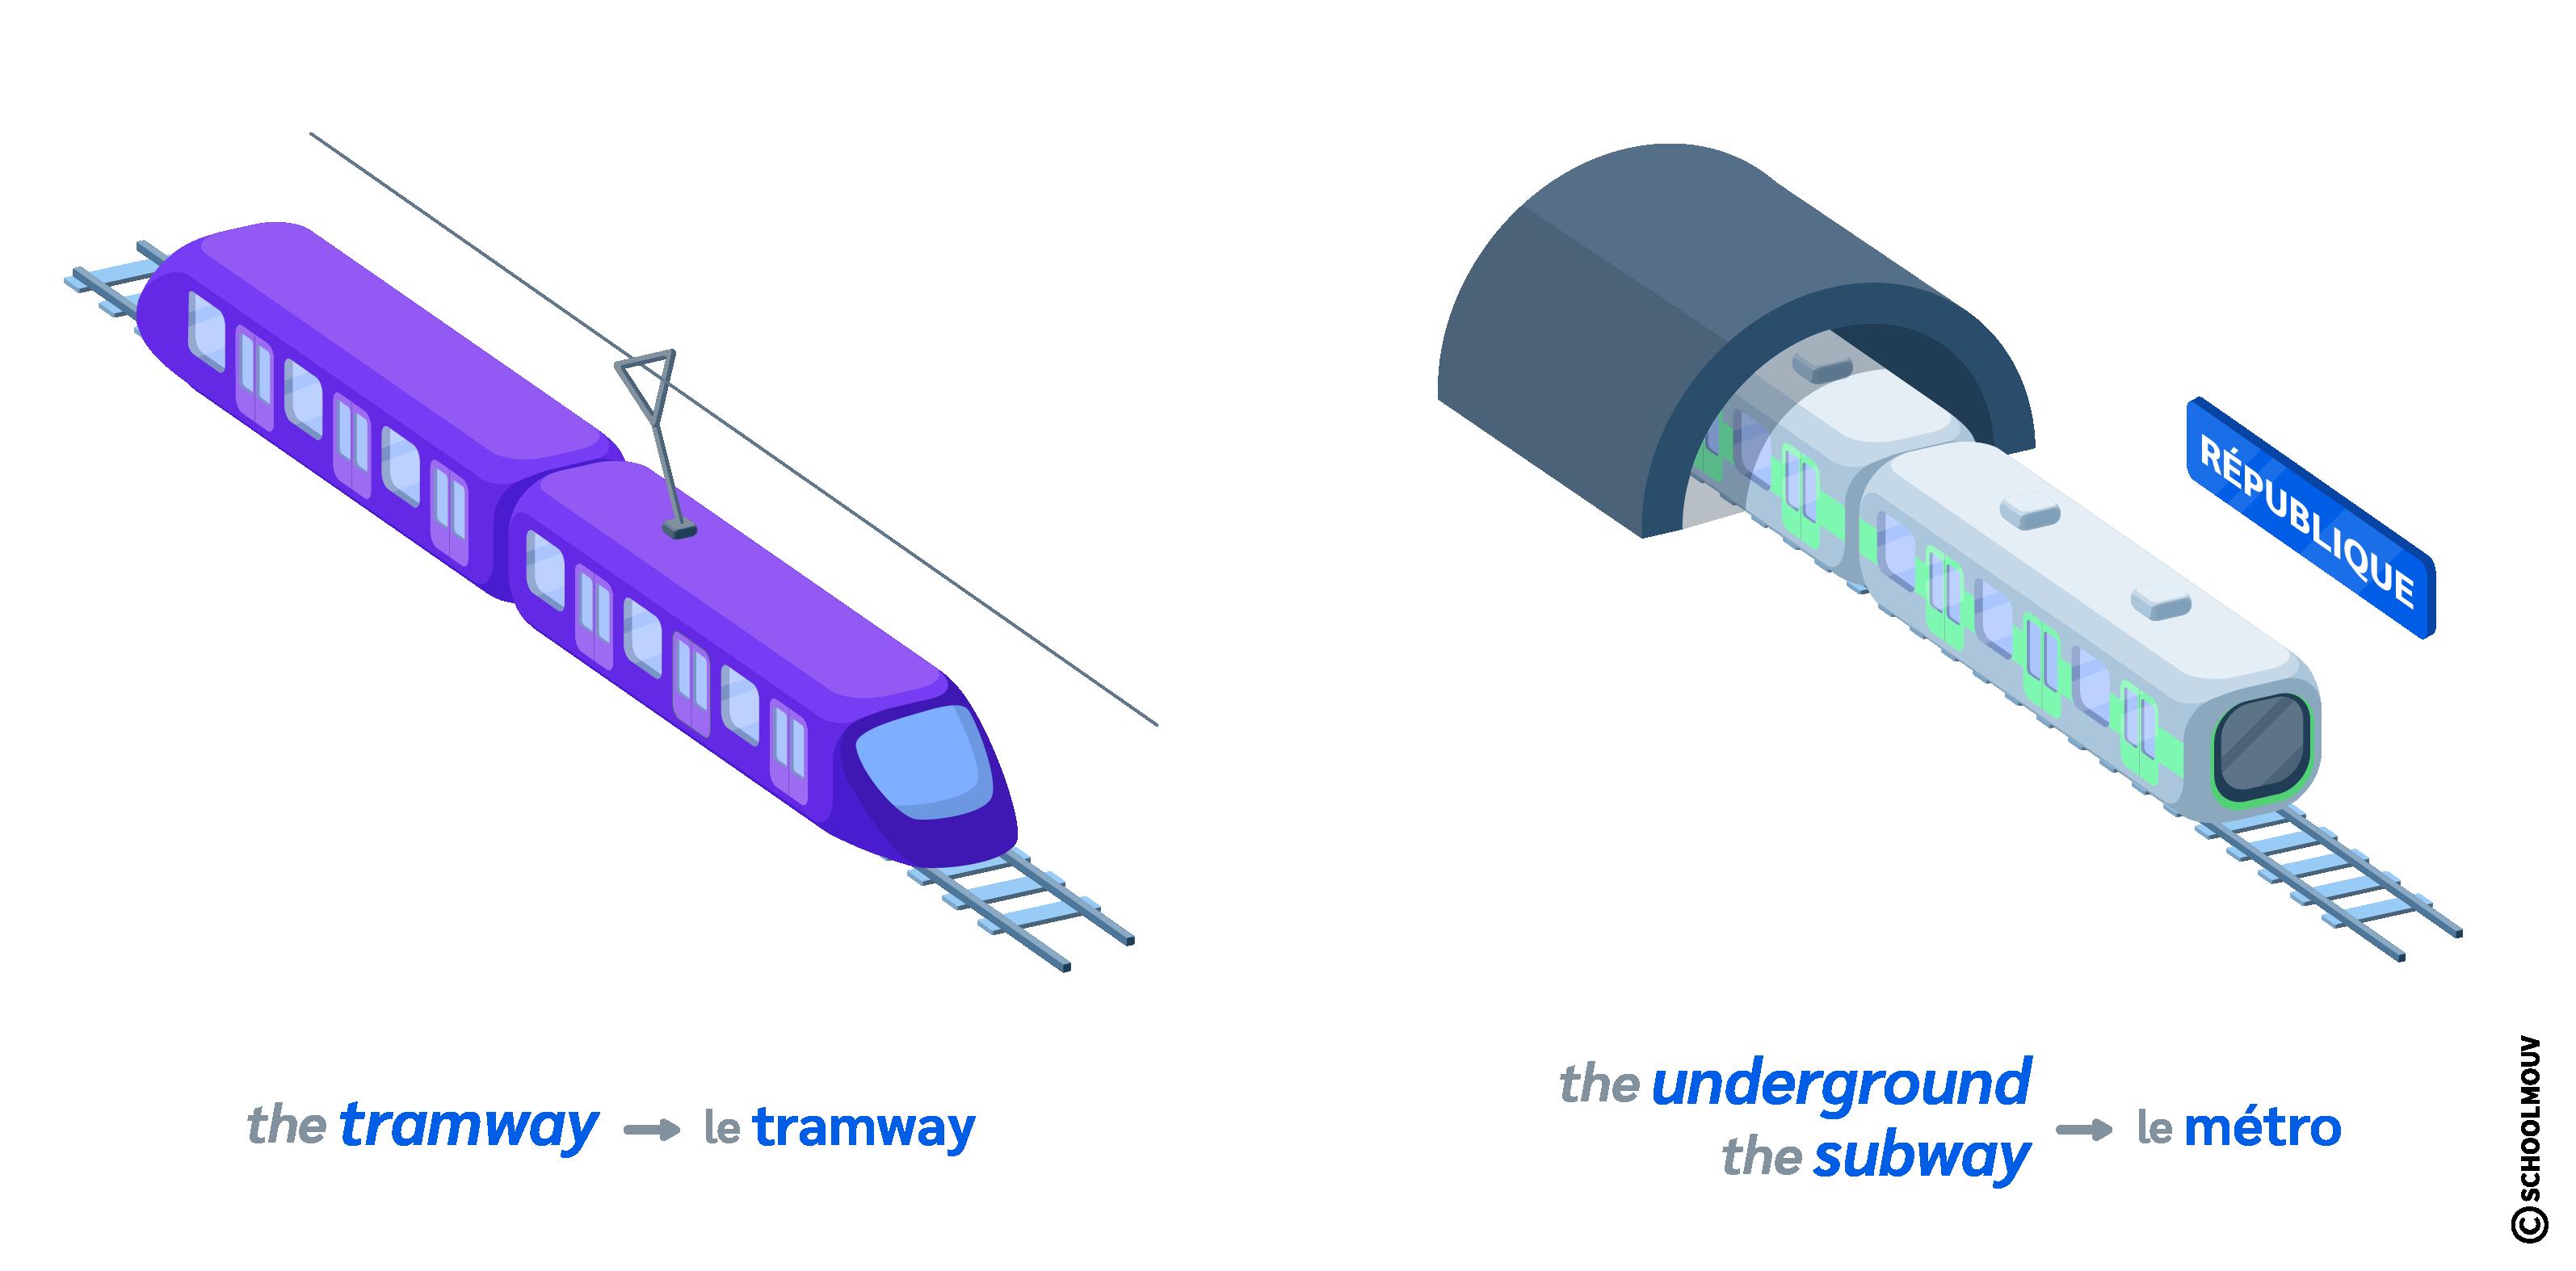 transports anglais subway tramway